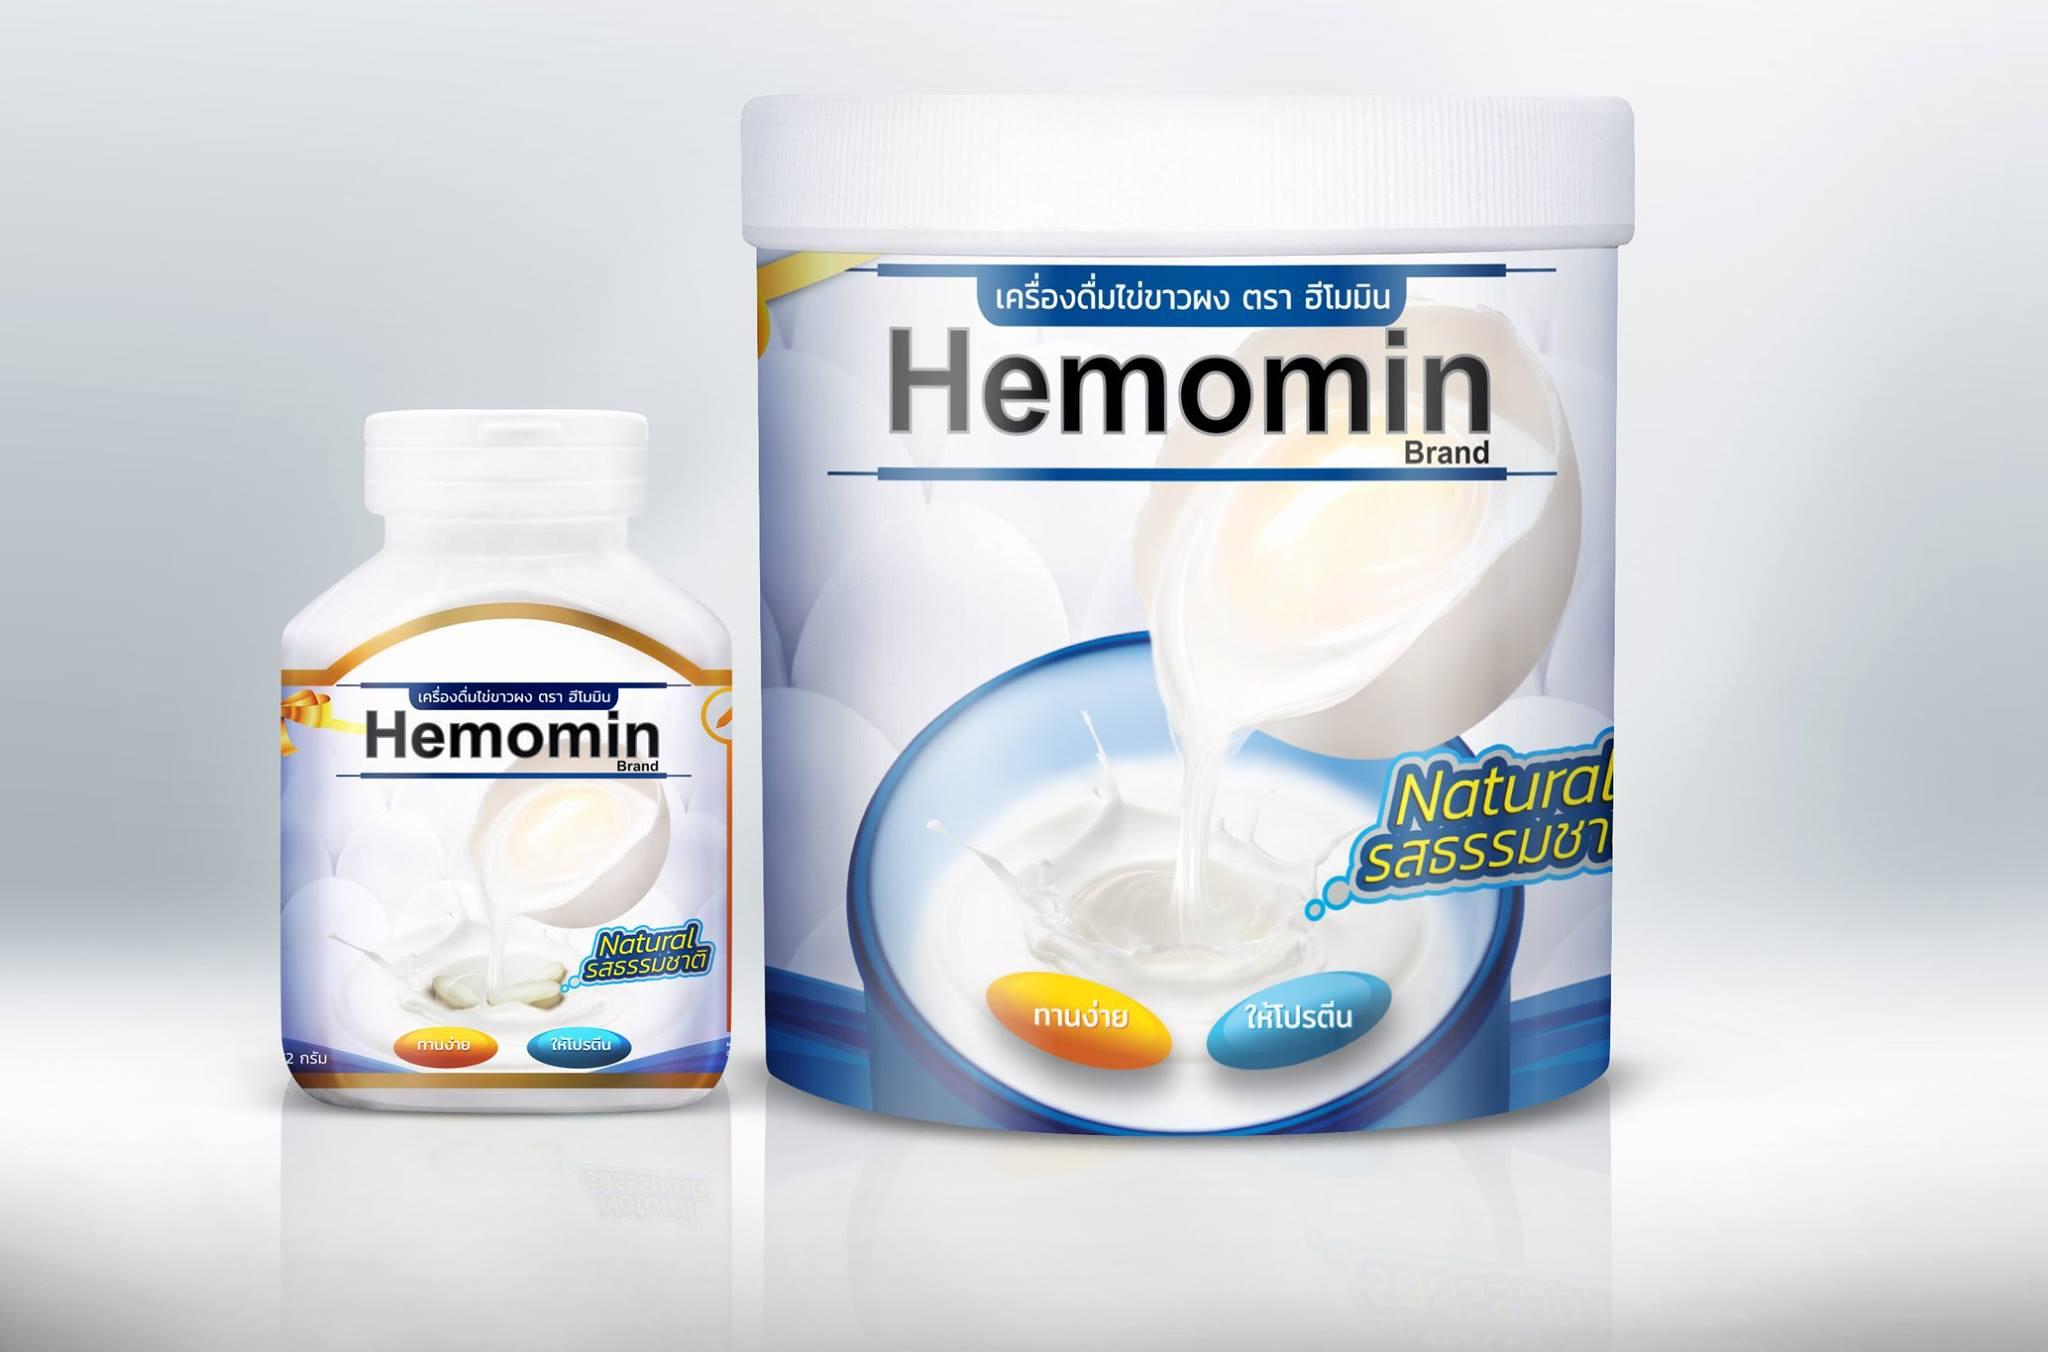 Hemomin Natural โปรตีนไข่ขาว รส ธรรมชาติ ขนาด 400 กรัม ( 2 กระป๋อง )**